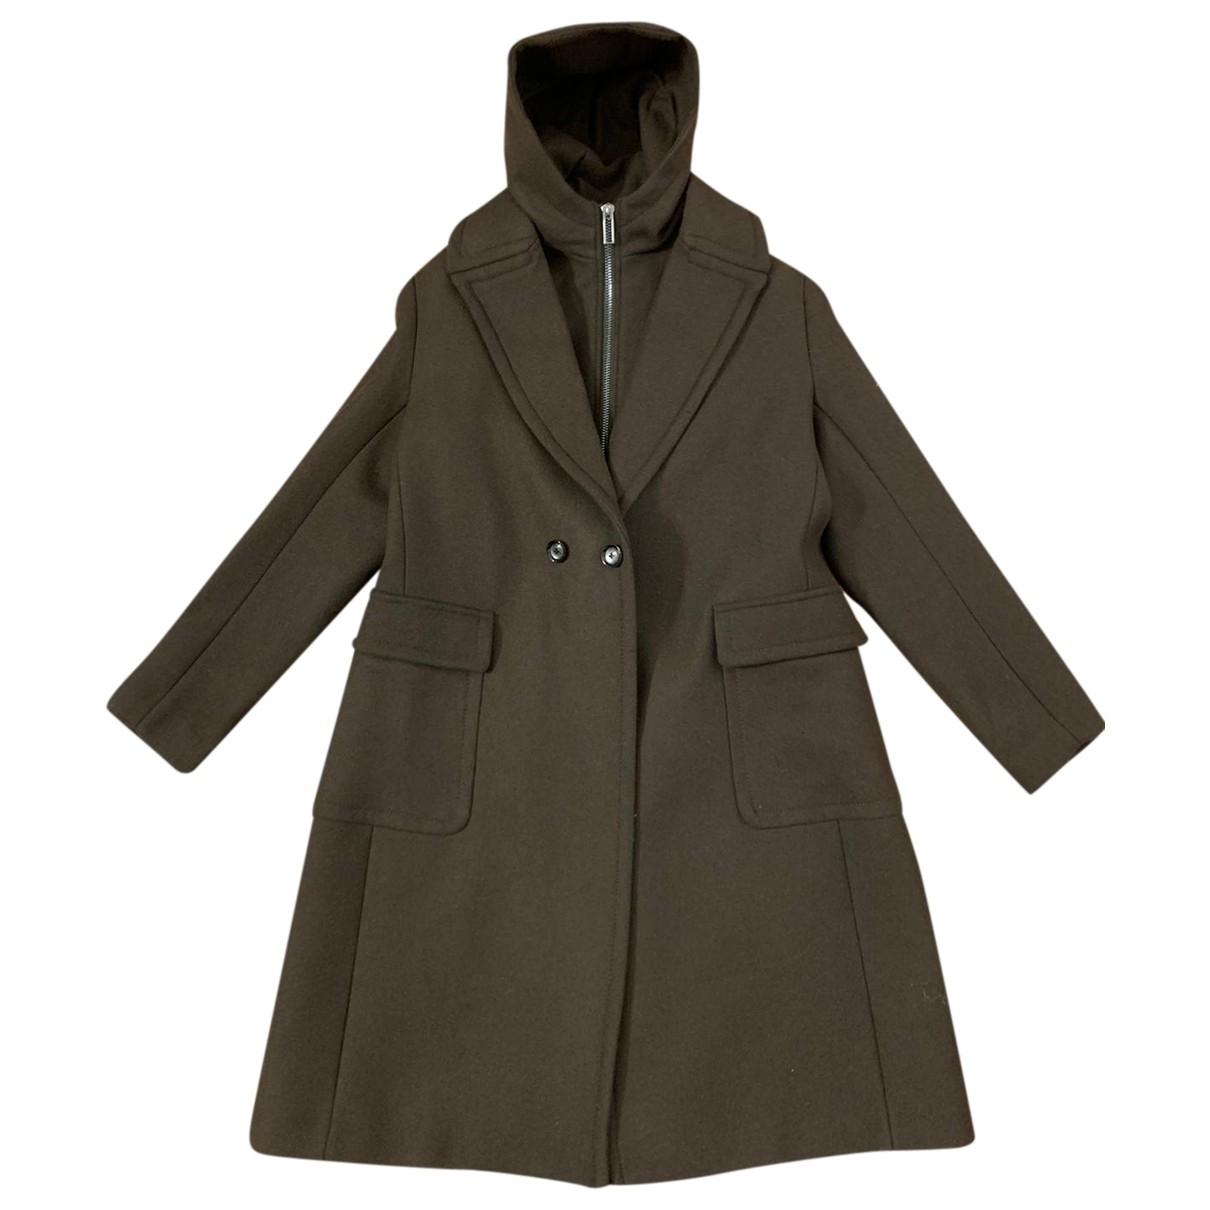 Emporio Armani - Manteau   pour homme en laine - vert